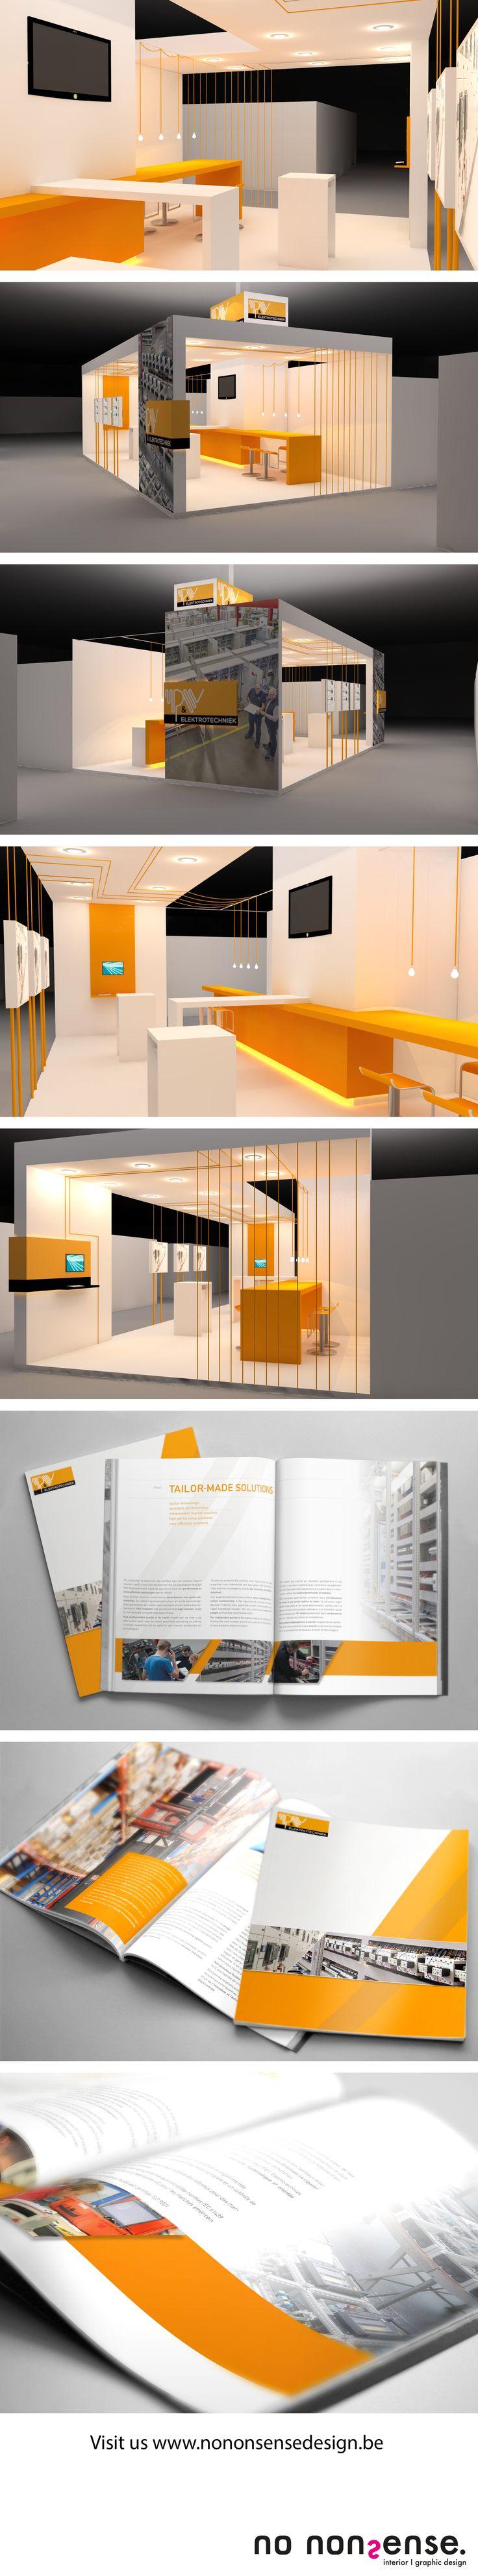 Ontwerp van een beursstand en brochure. #branddesign #graphicdesign #interiordesign #beursstand #nononsensedesign Bezoek onze website: www.nononsensedesign.be